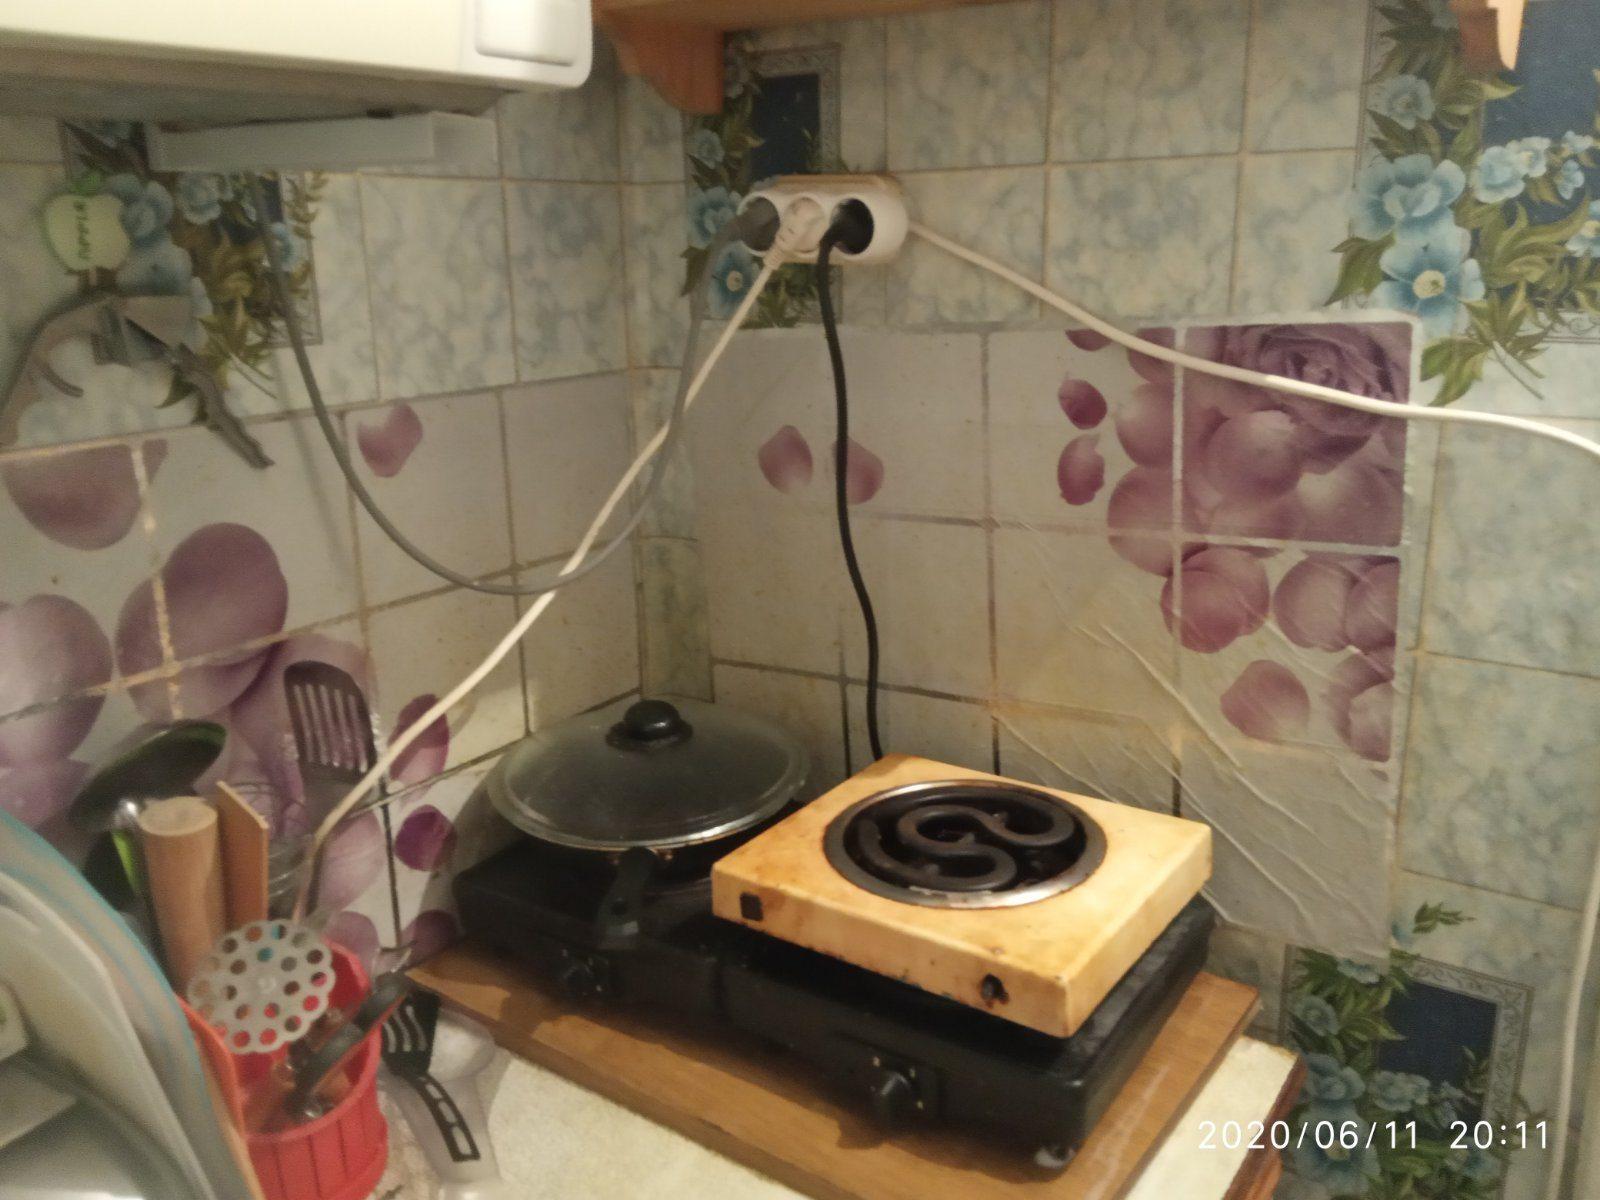 Забытая на плите сковородка едва на сожгла общежитие в Херсоне